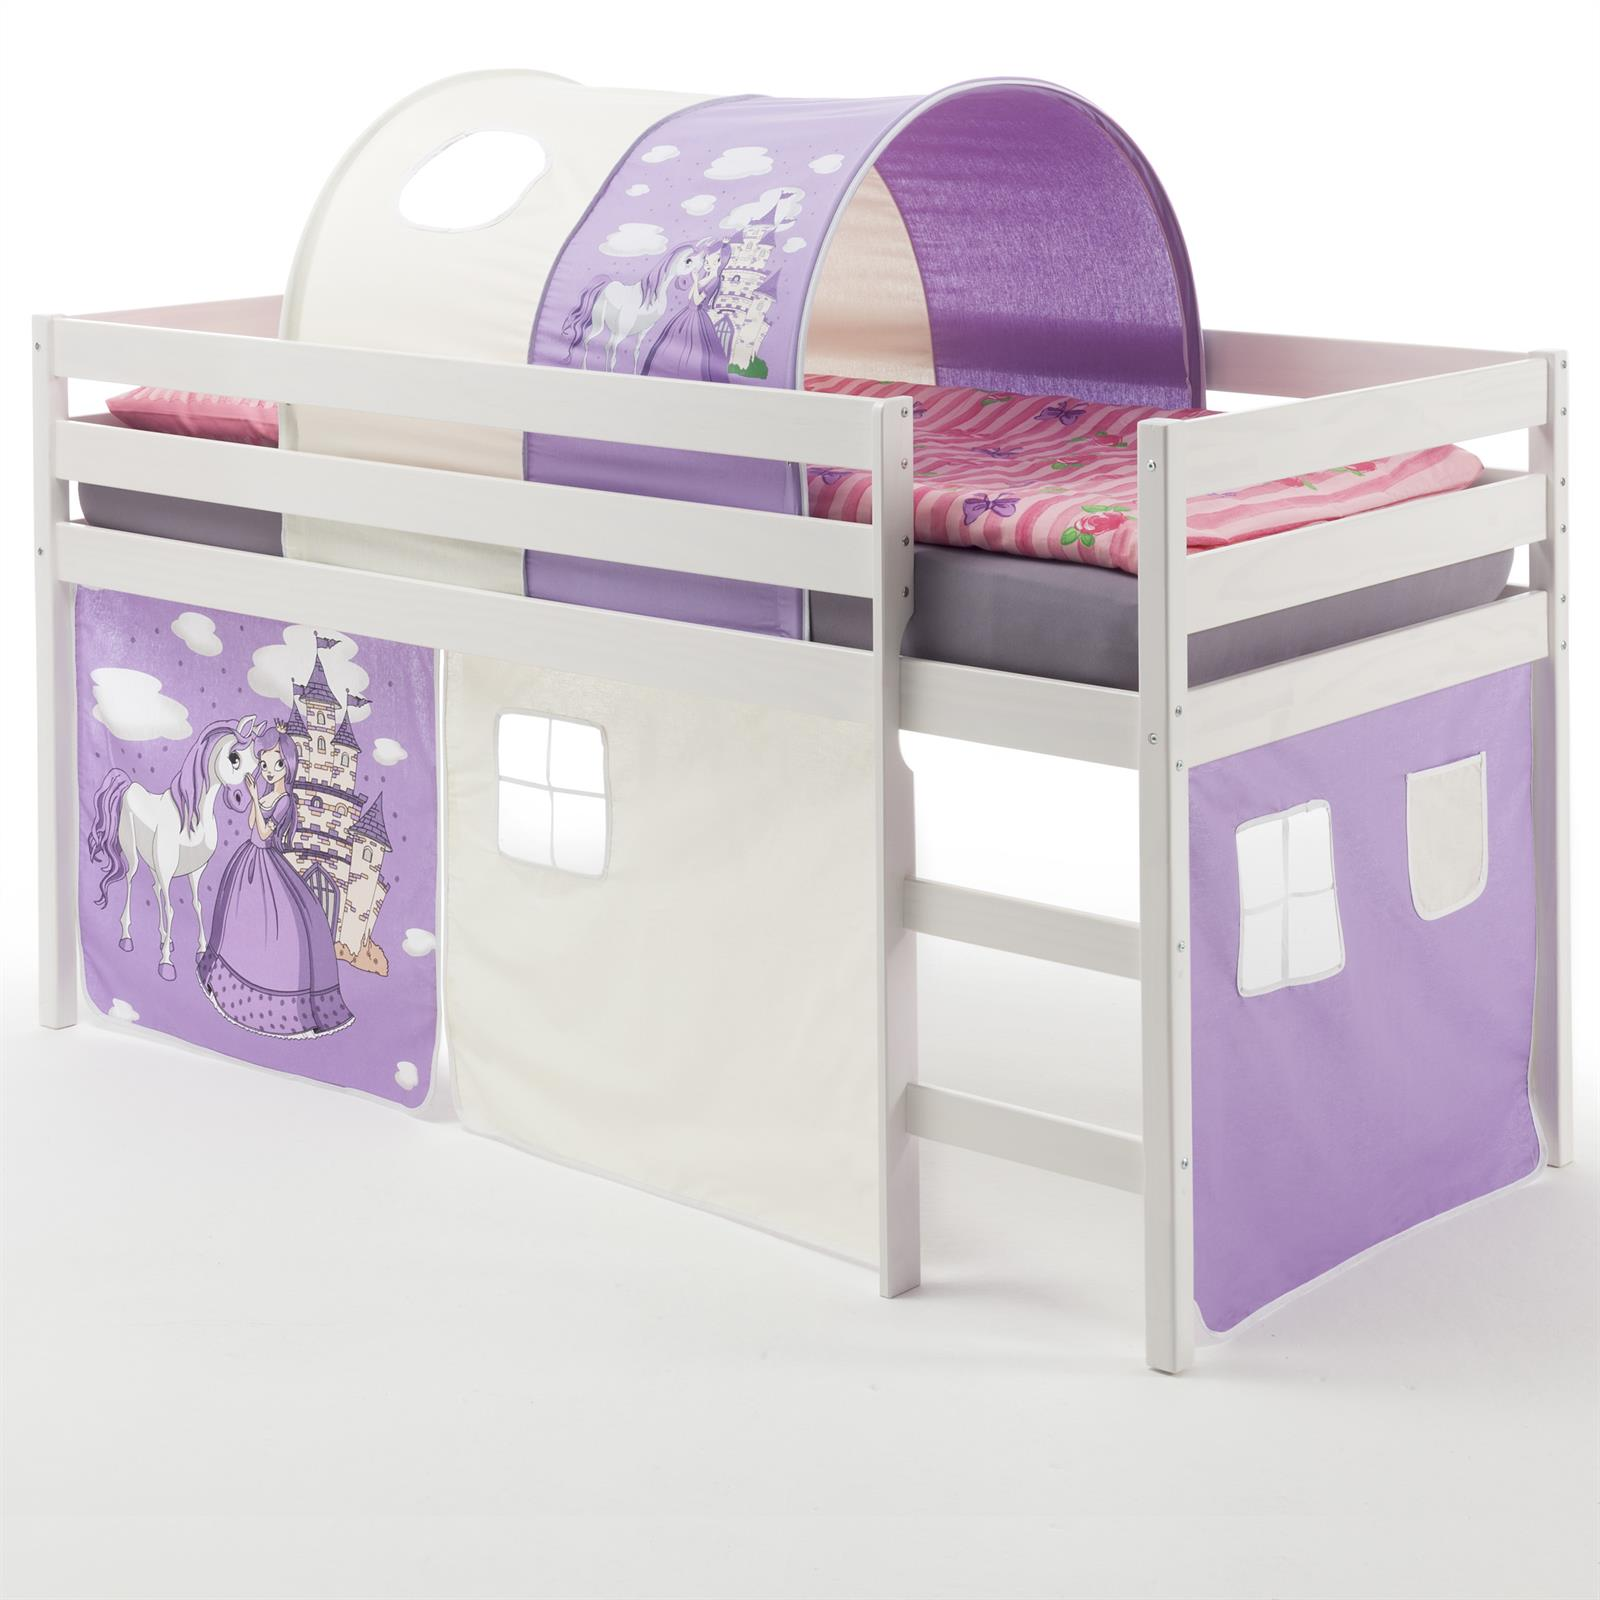 hochbett erik vorhang tunnel prinzessin mobilia24. Black Bedroom Furniture Sets. Home Design Ideas